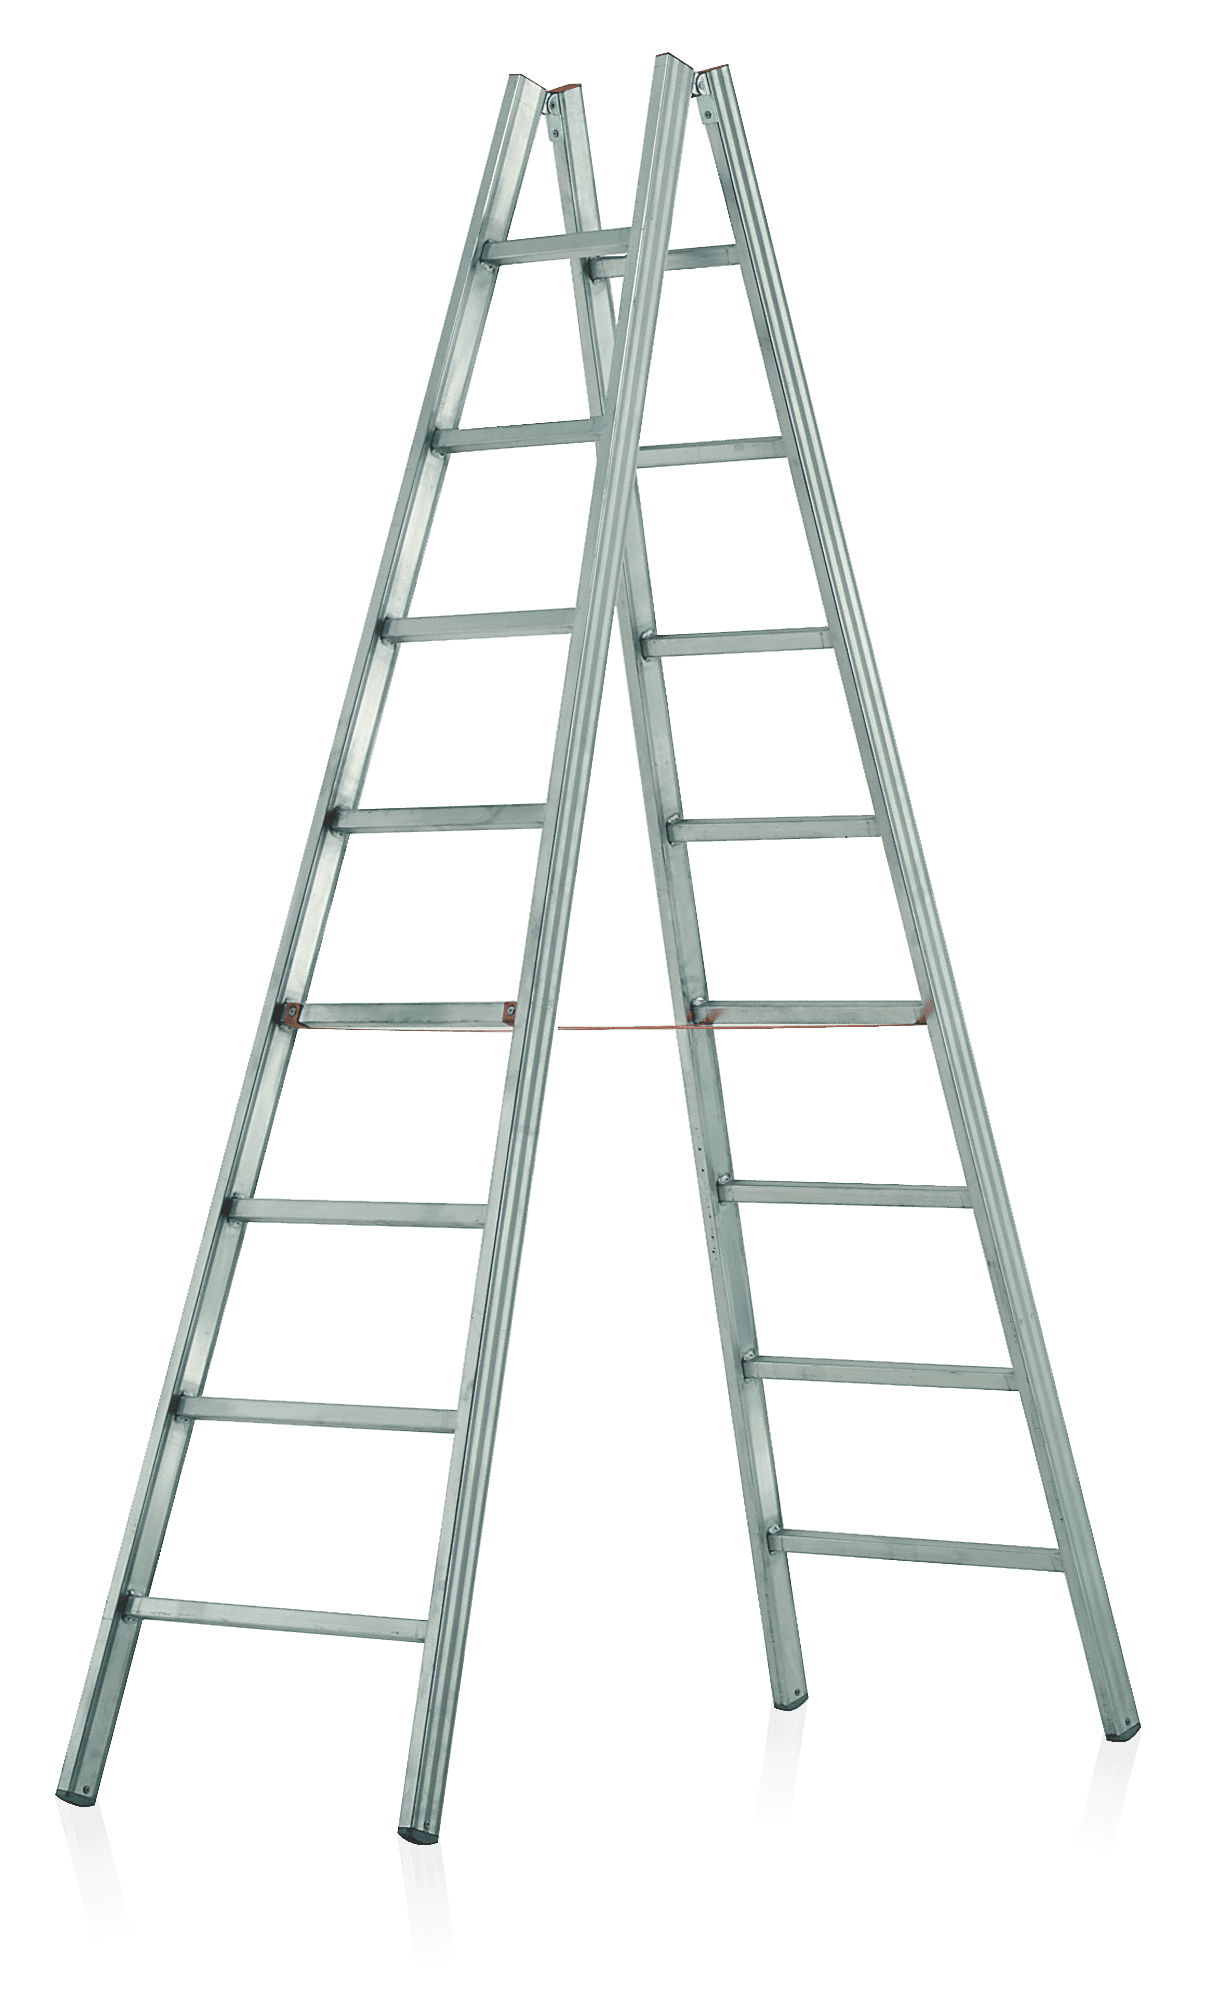 Dvojitý rebrík Typ R 306